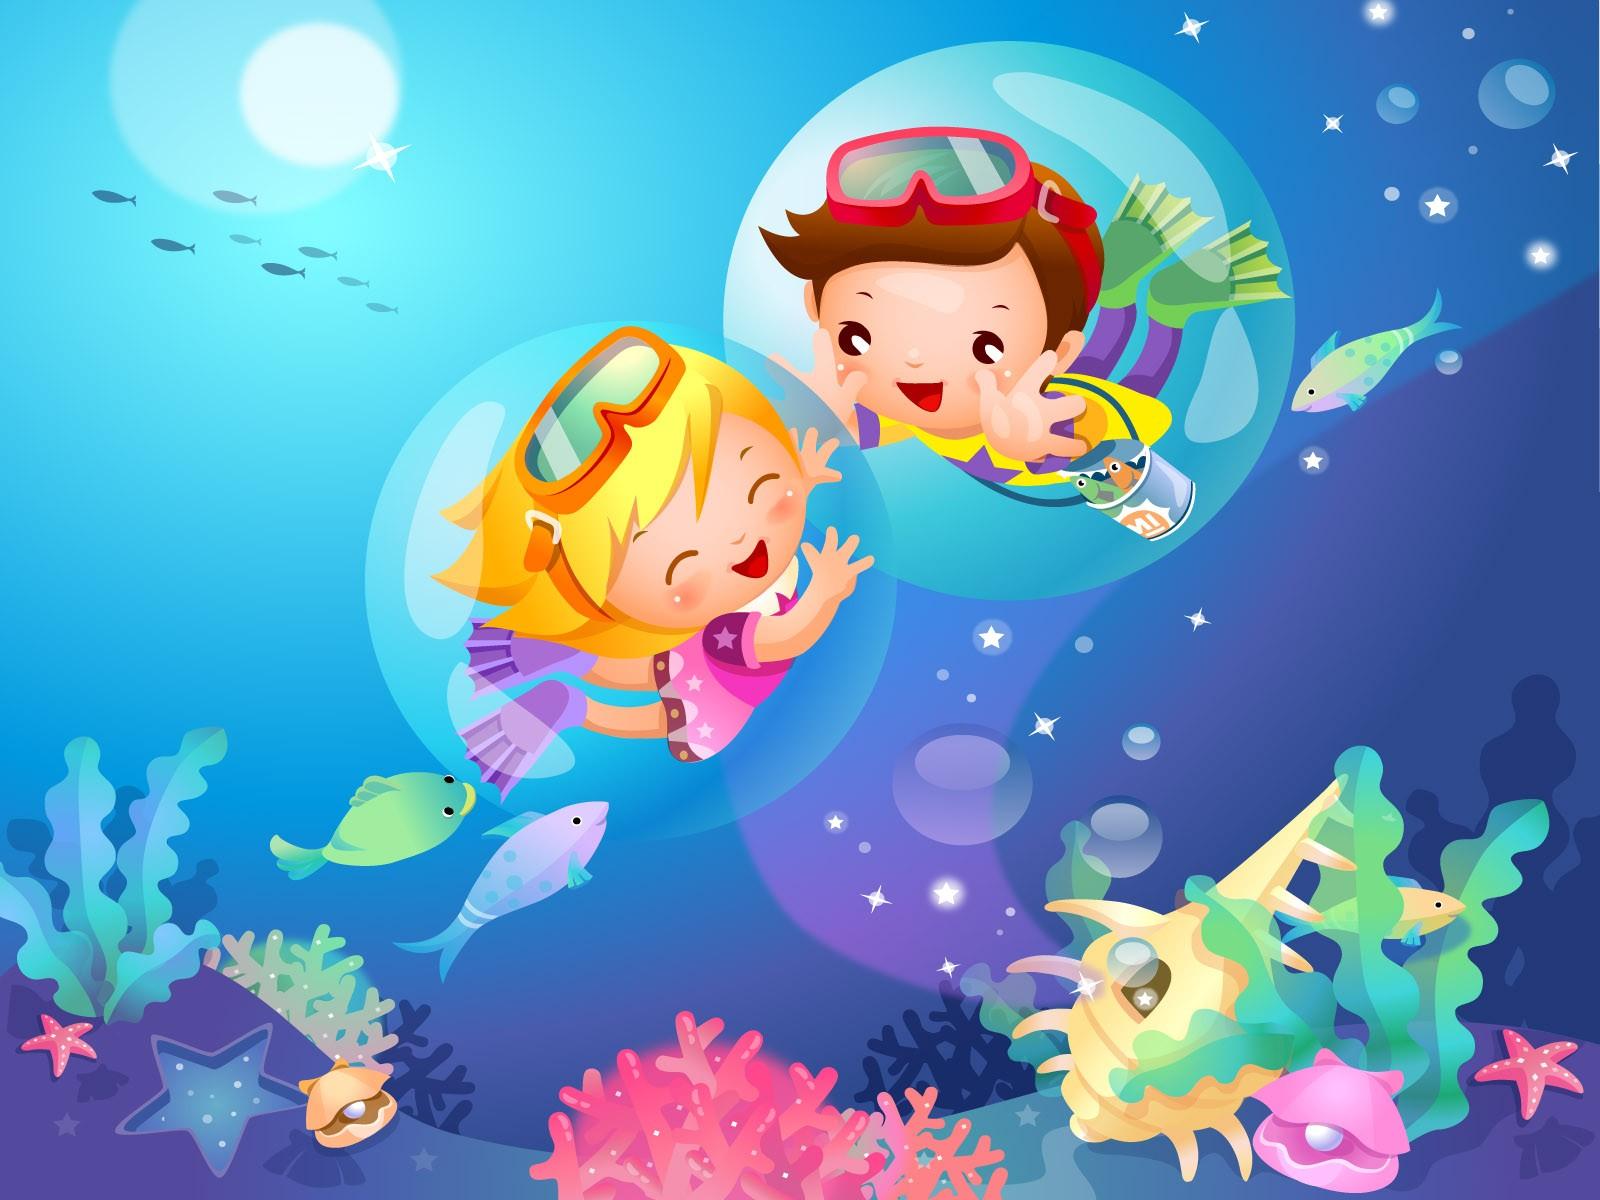 Childhood Dreams Alba Kreslene Tapety 19 1600x1200 Wallpaper Ke